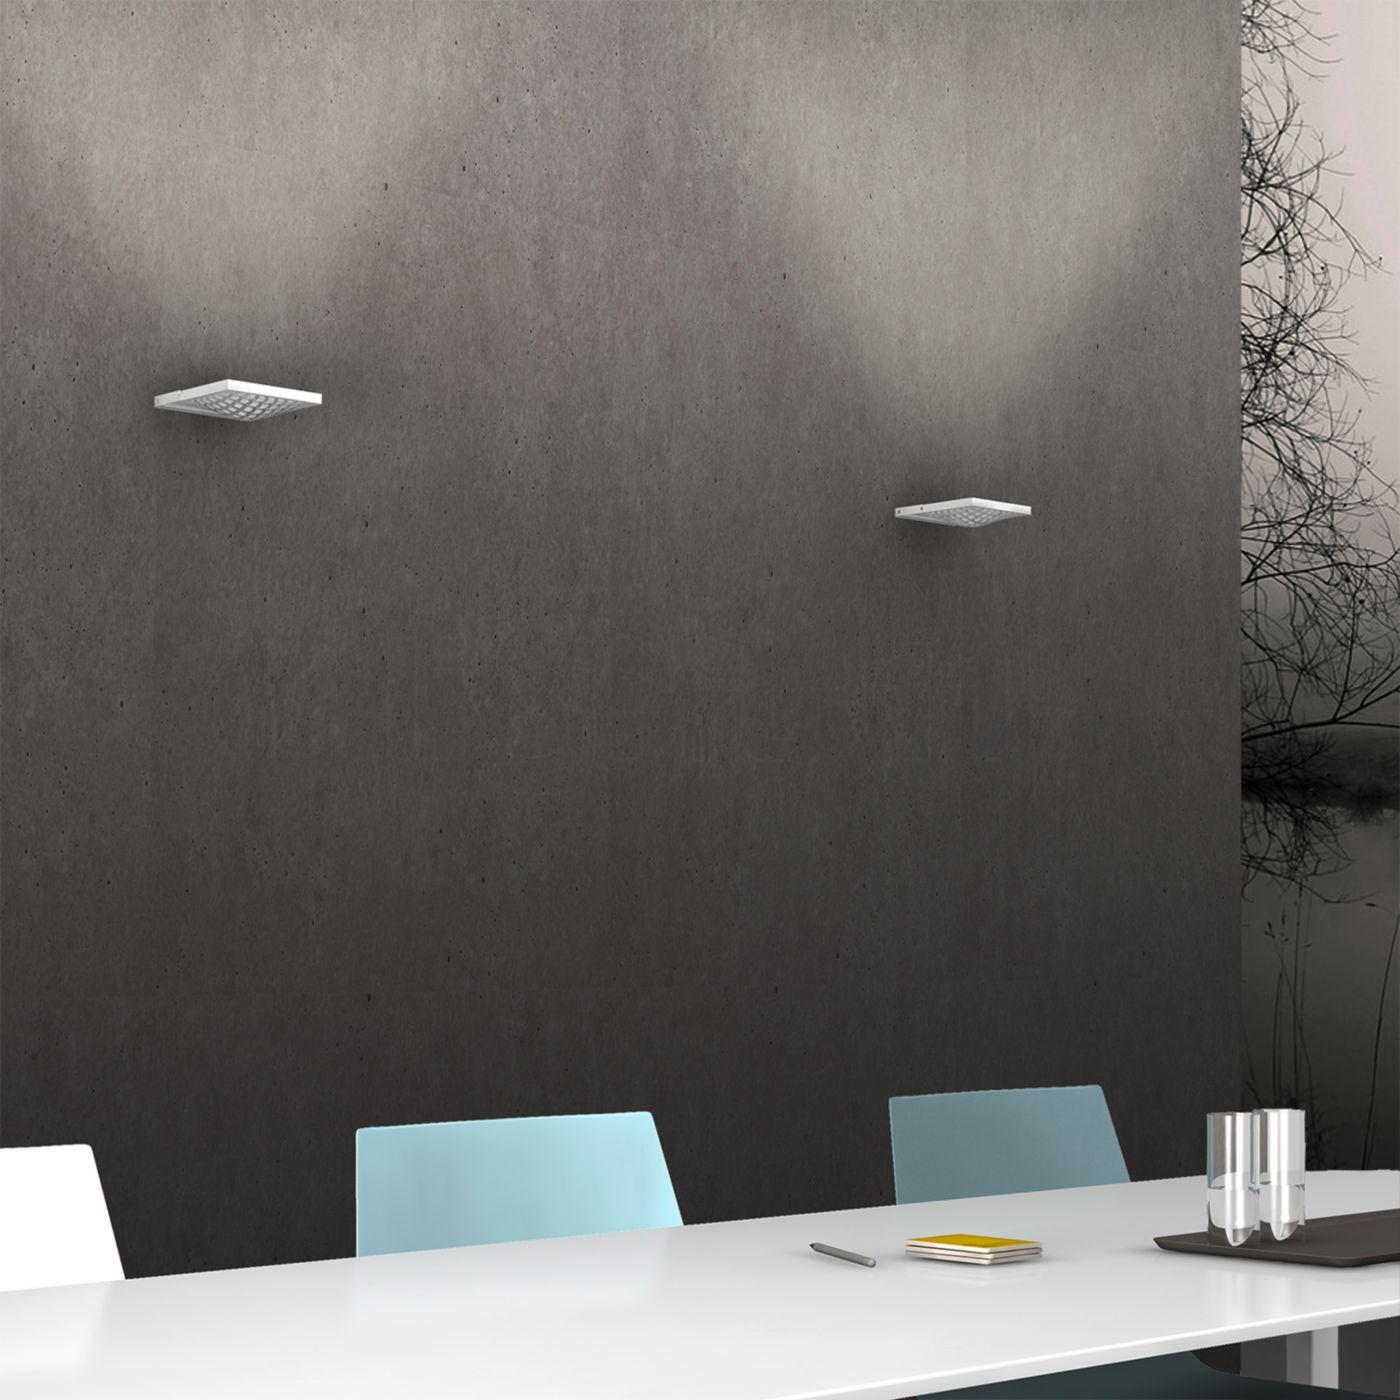 Steng Licht AircooLED Decken-/Wandleuchte LED - light11.de